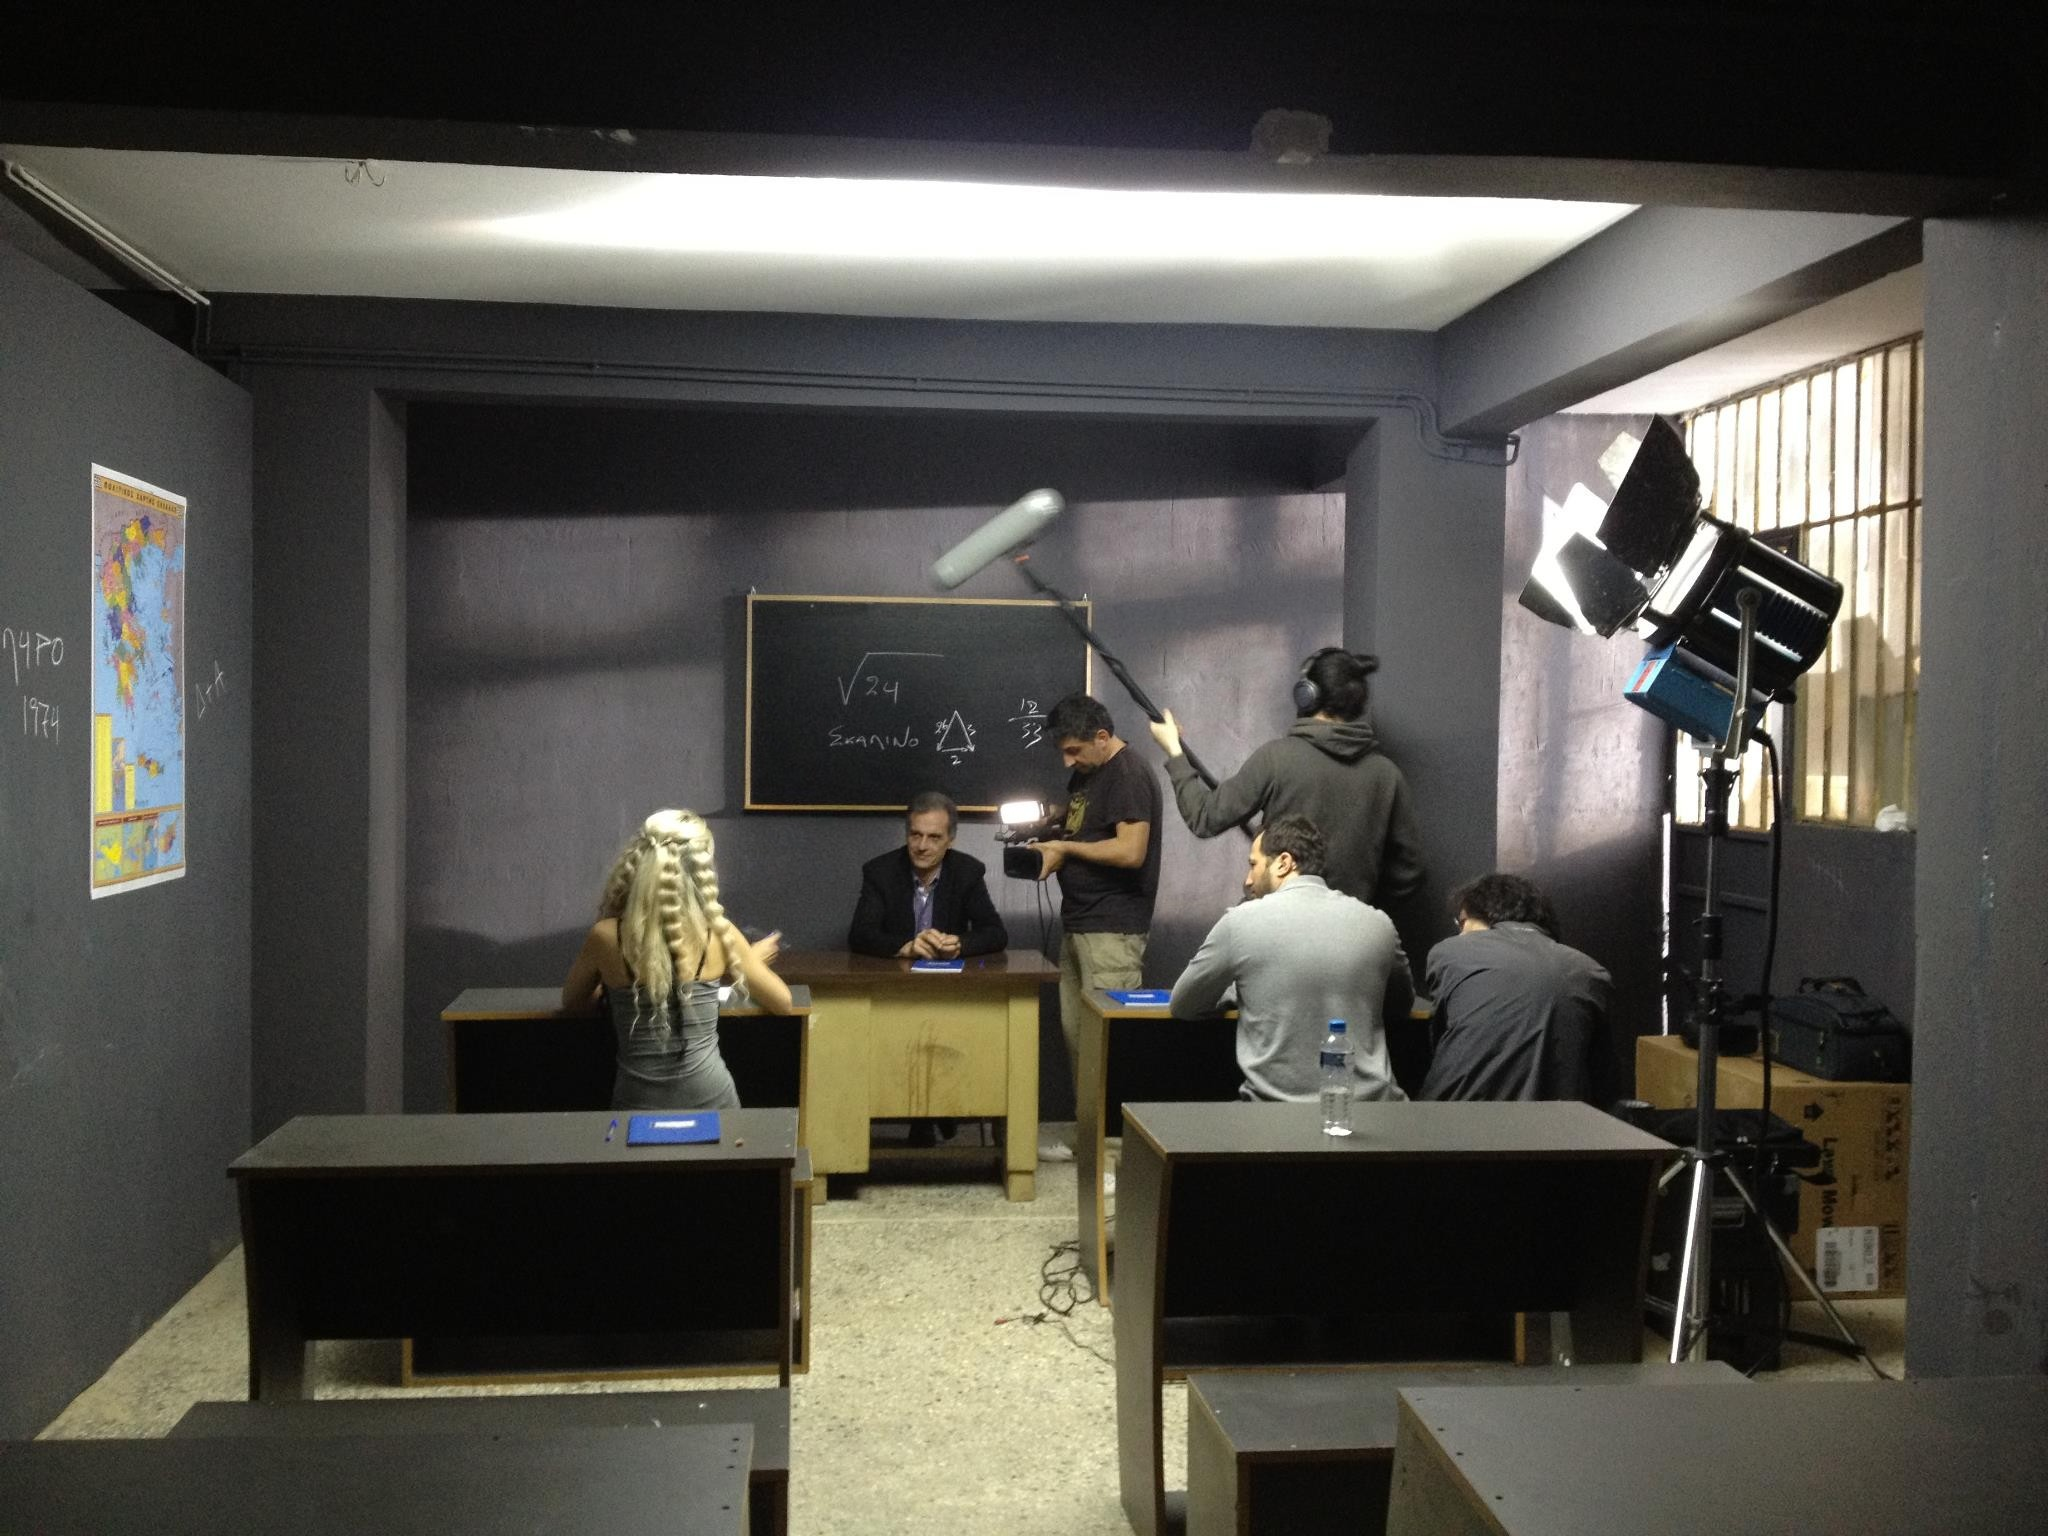 Απίστευτο: Δείτε τη δημοσιογράφο που συμμετέχει στη νέα ταινία του Σειρηνάκη!